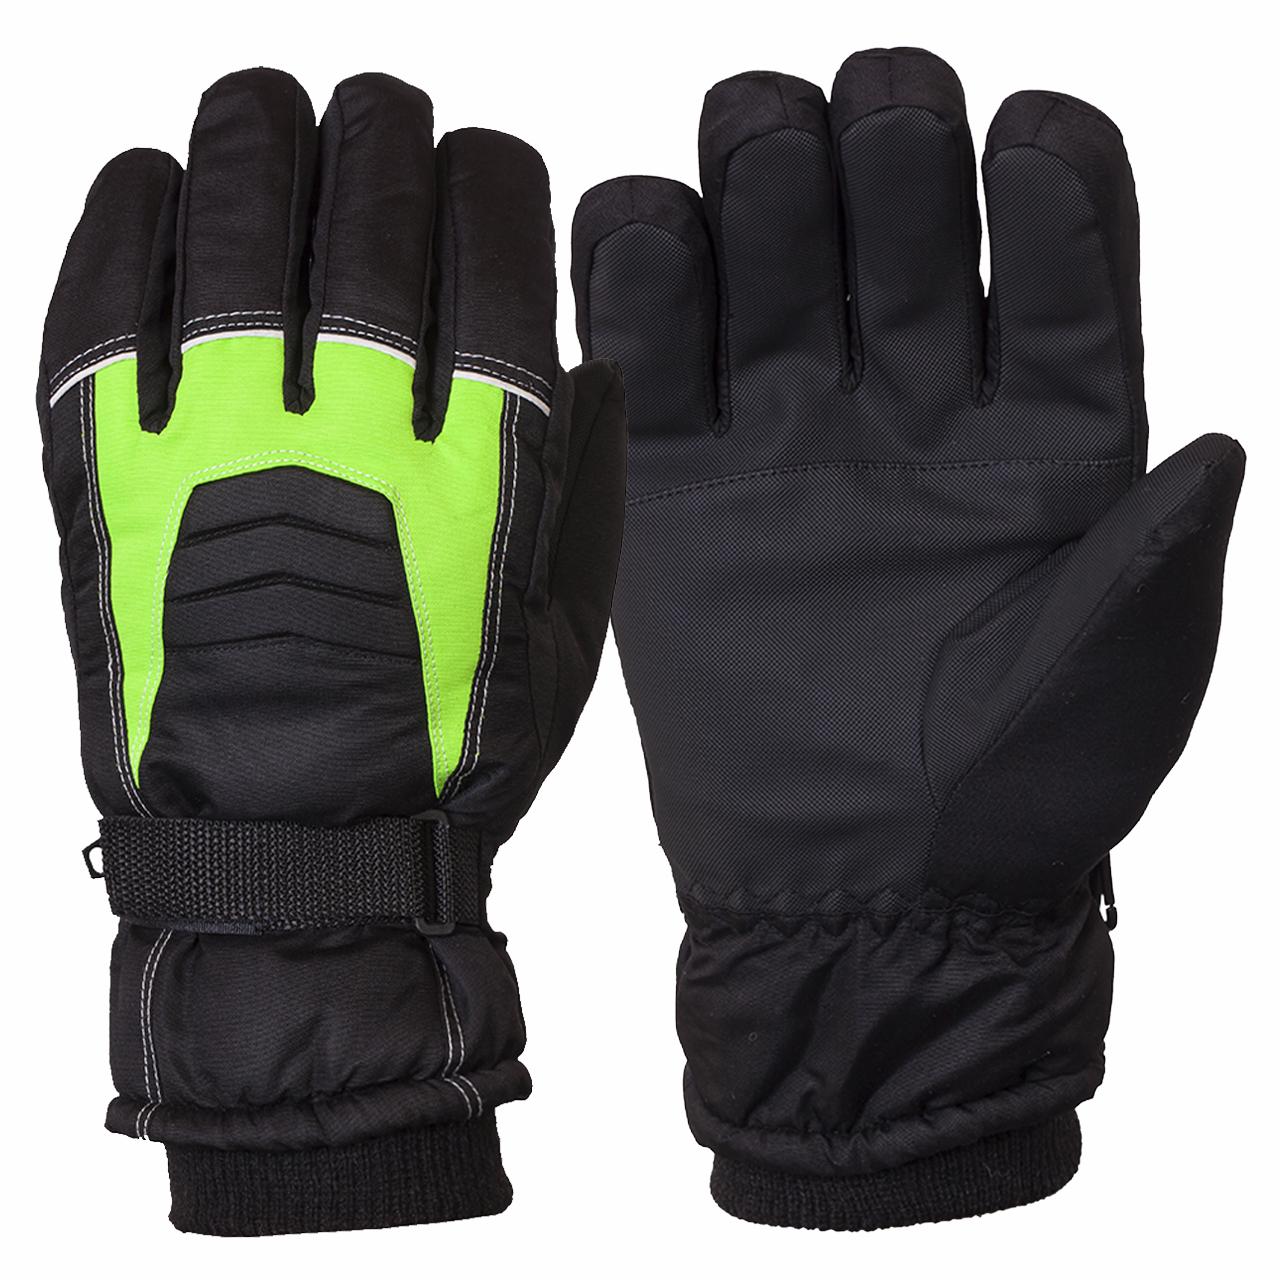 Оригинальные горнолыжные перчатки с водоотталкивающей пропиткой